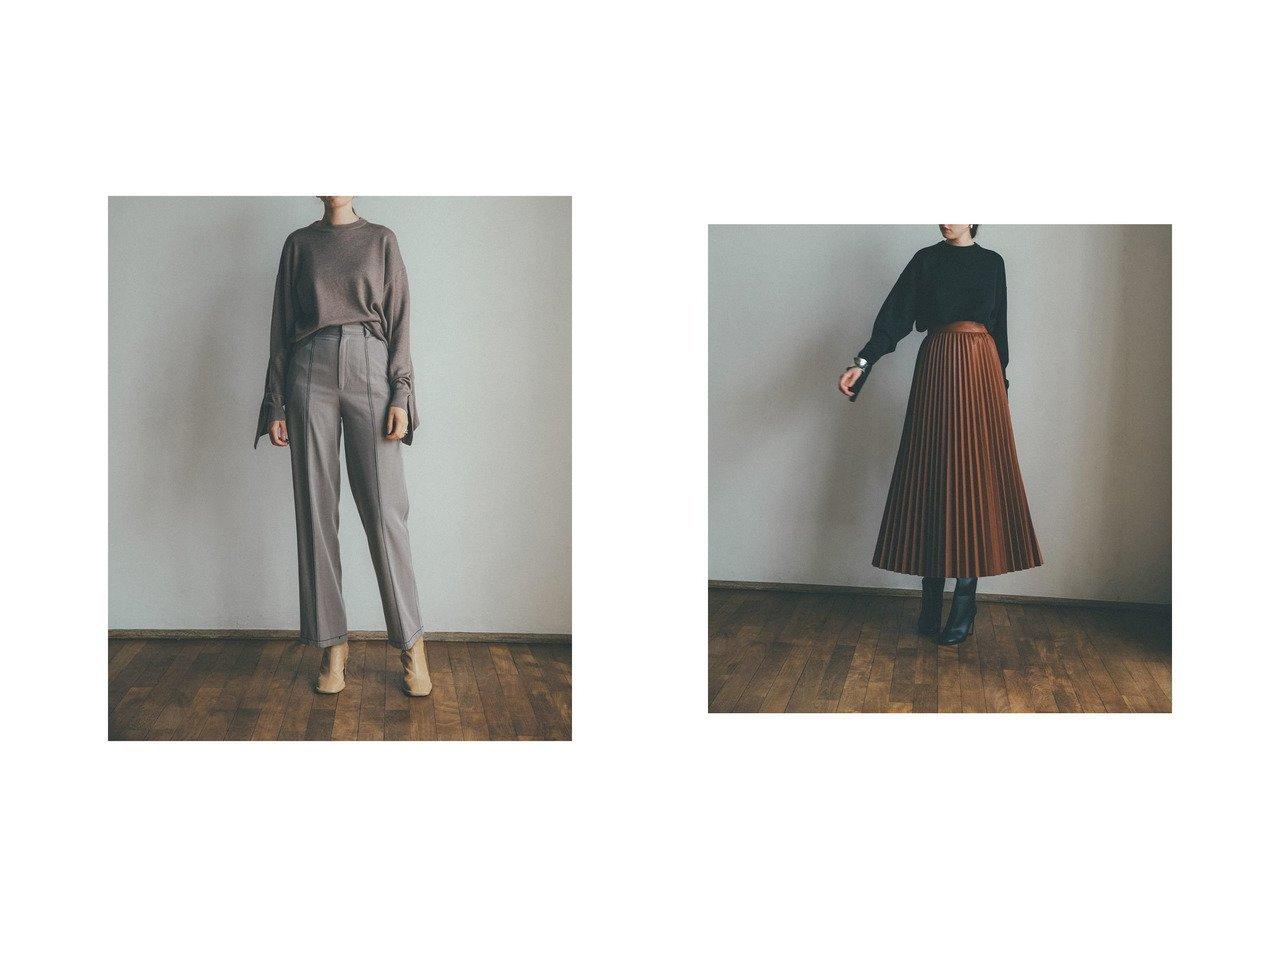 【CLANE/クラネ】のBACK FRILL KNIT TOPS トップス・カットソーのおすすめ!人気、レディースファッションの通販 おすすめで人気のファッション通販商品 インテリア・家具・キッズファッション・メンズファッション・レディースファッション・服の通販 founy(ファニー) https://founy.com/ ファッション Fashion レディース WOMEN トップス Tops Tshirt ニット Knit Tops セーター フリル ベーシック |ID:crp329100000001961